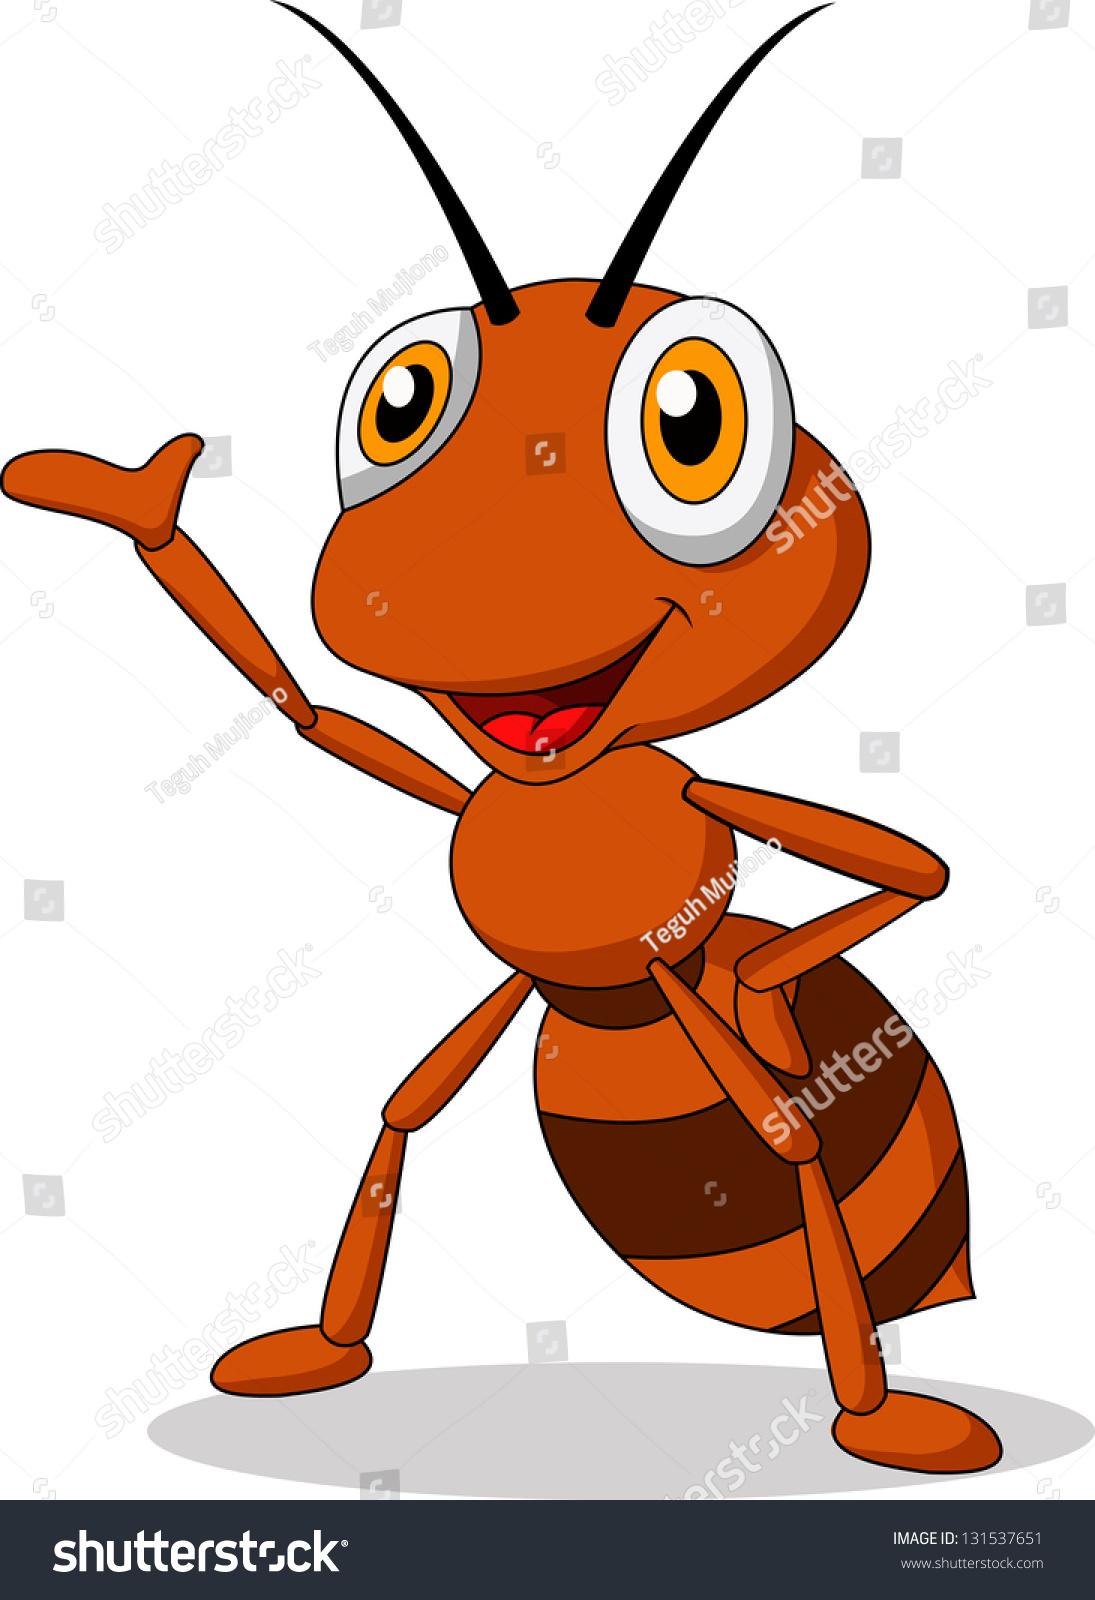 可爱的蚂蚁卡通-动物/野生生物-海洛创意(hellorf)